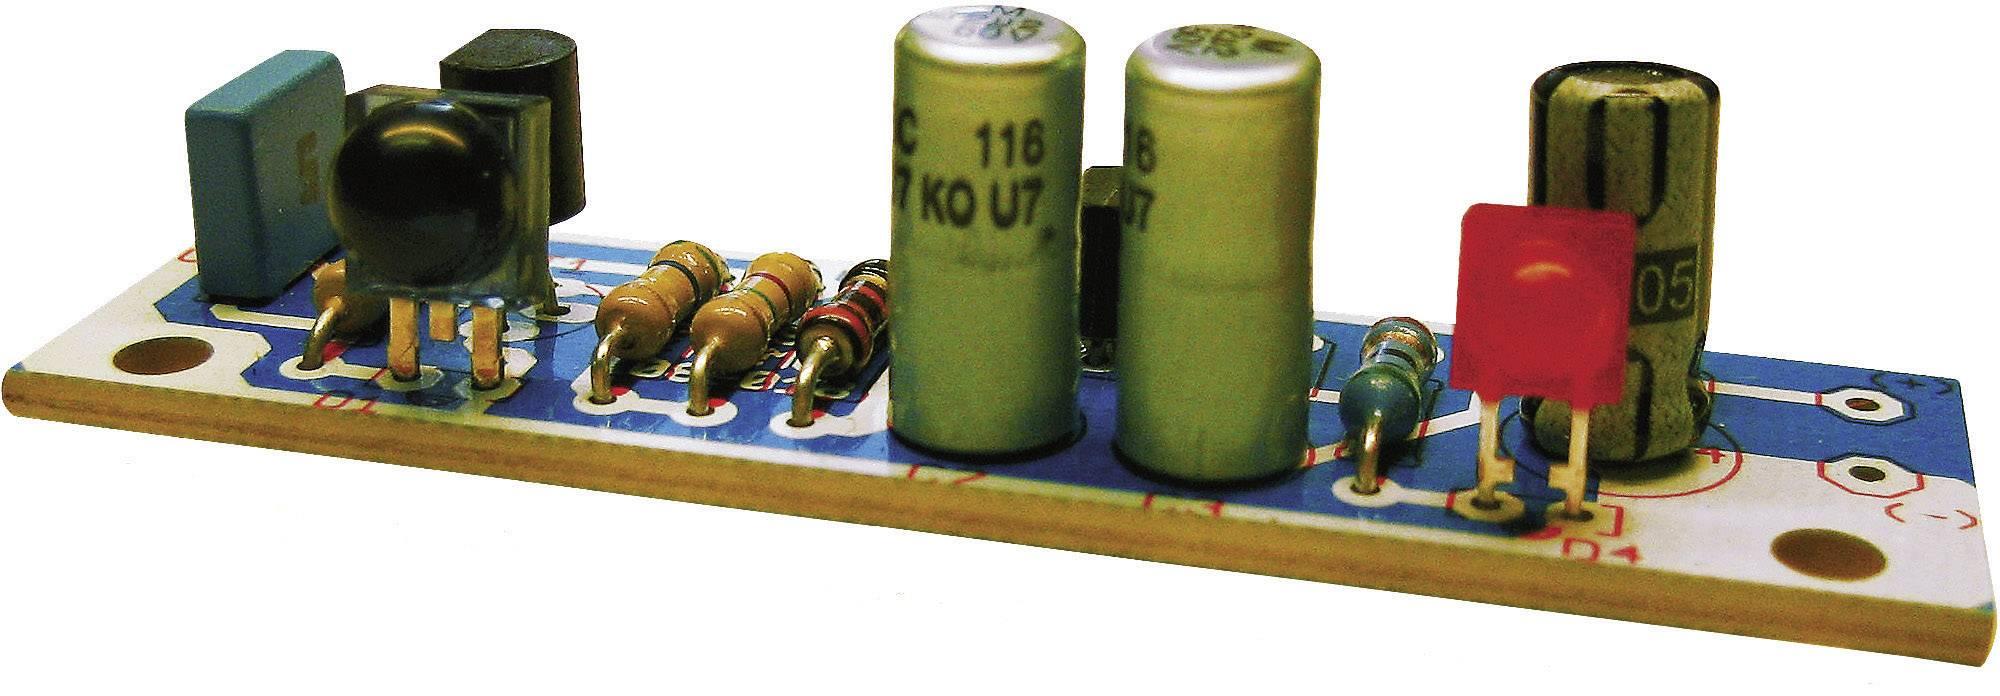 Infračervený detektor Kemo B195, 58 x 17 mm